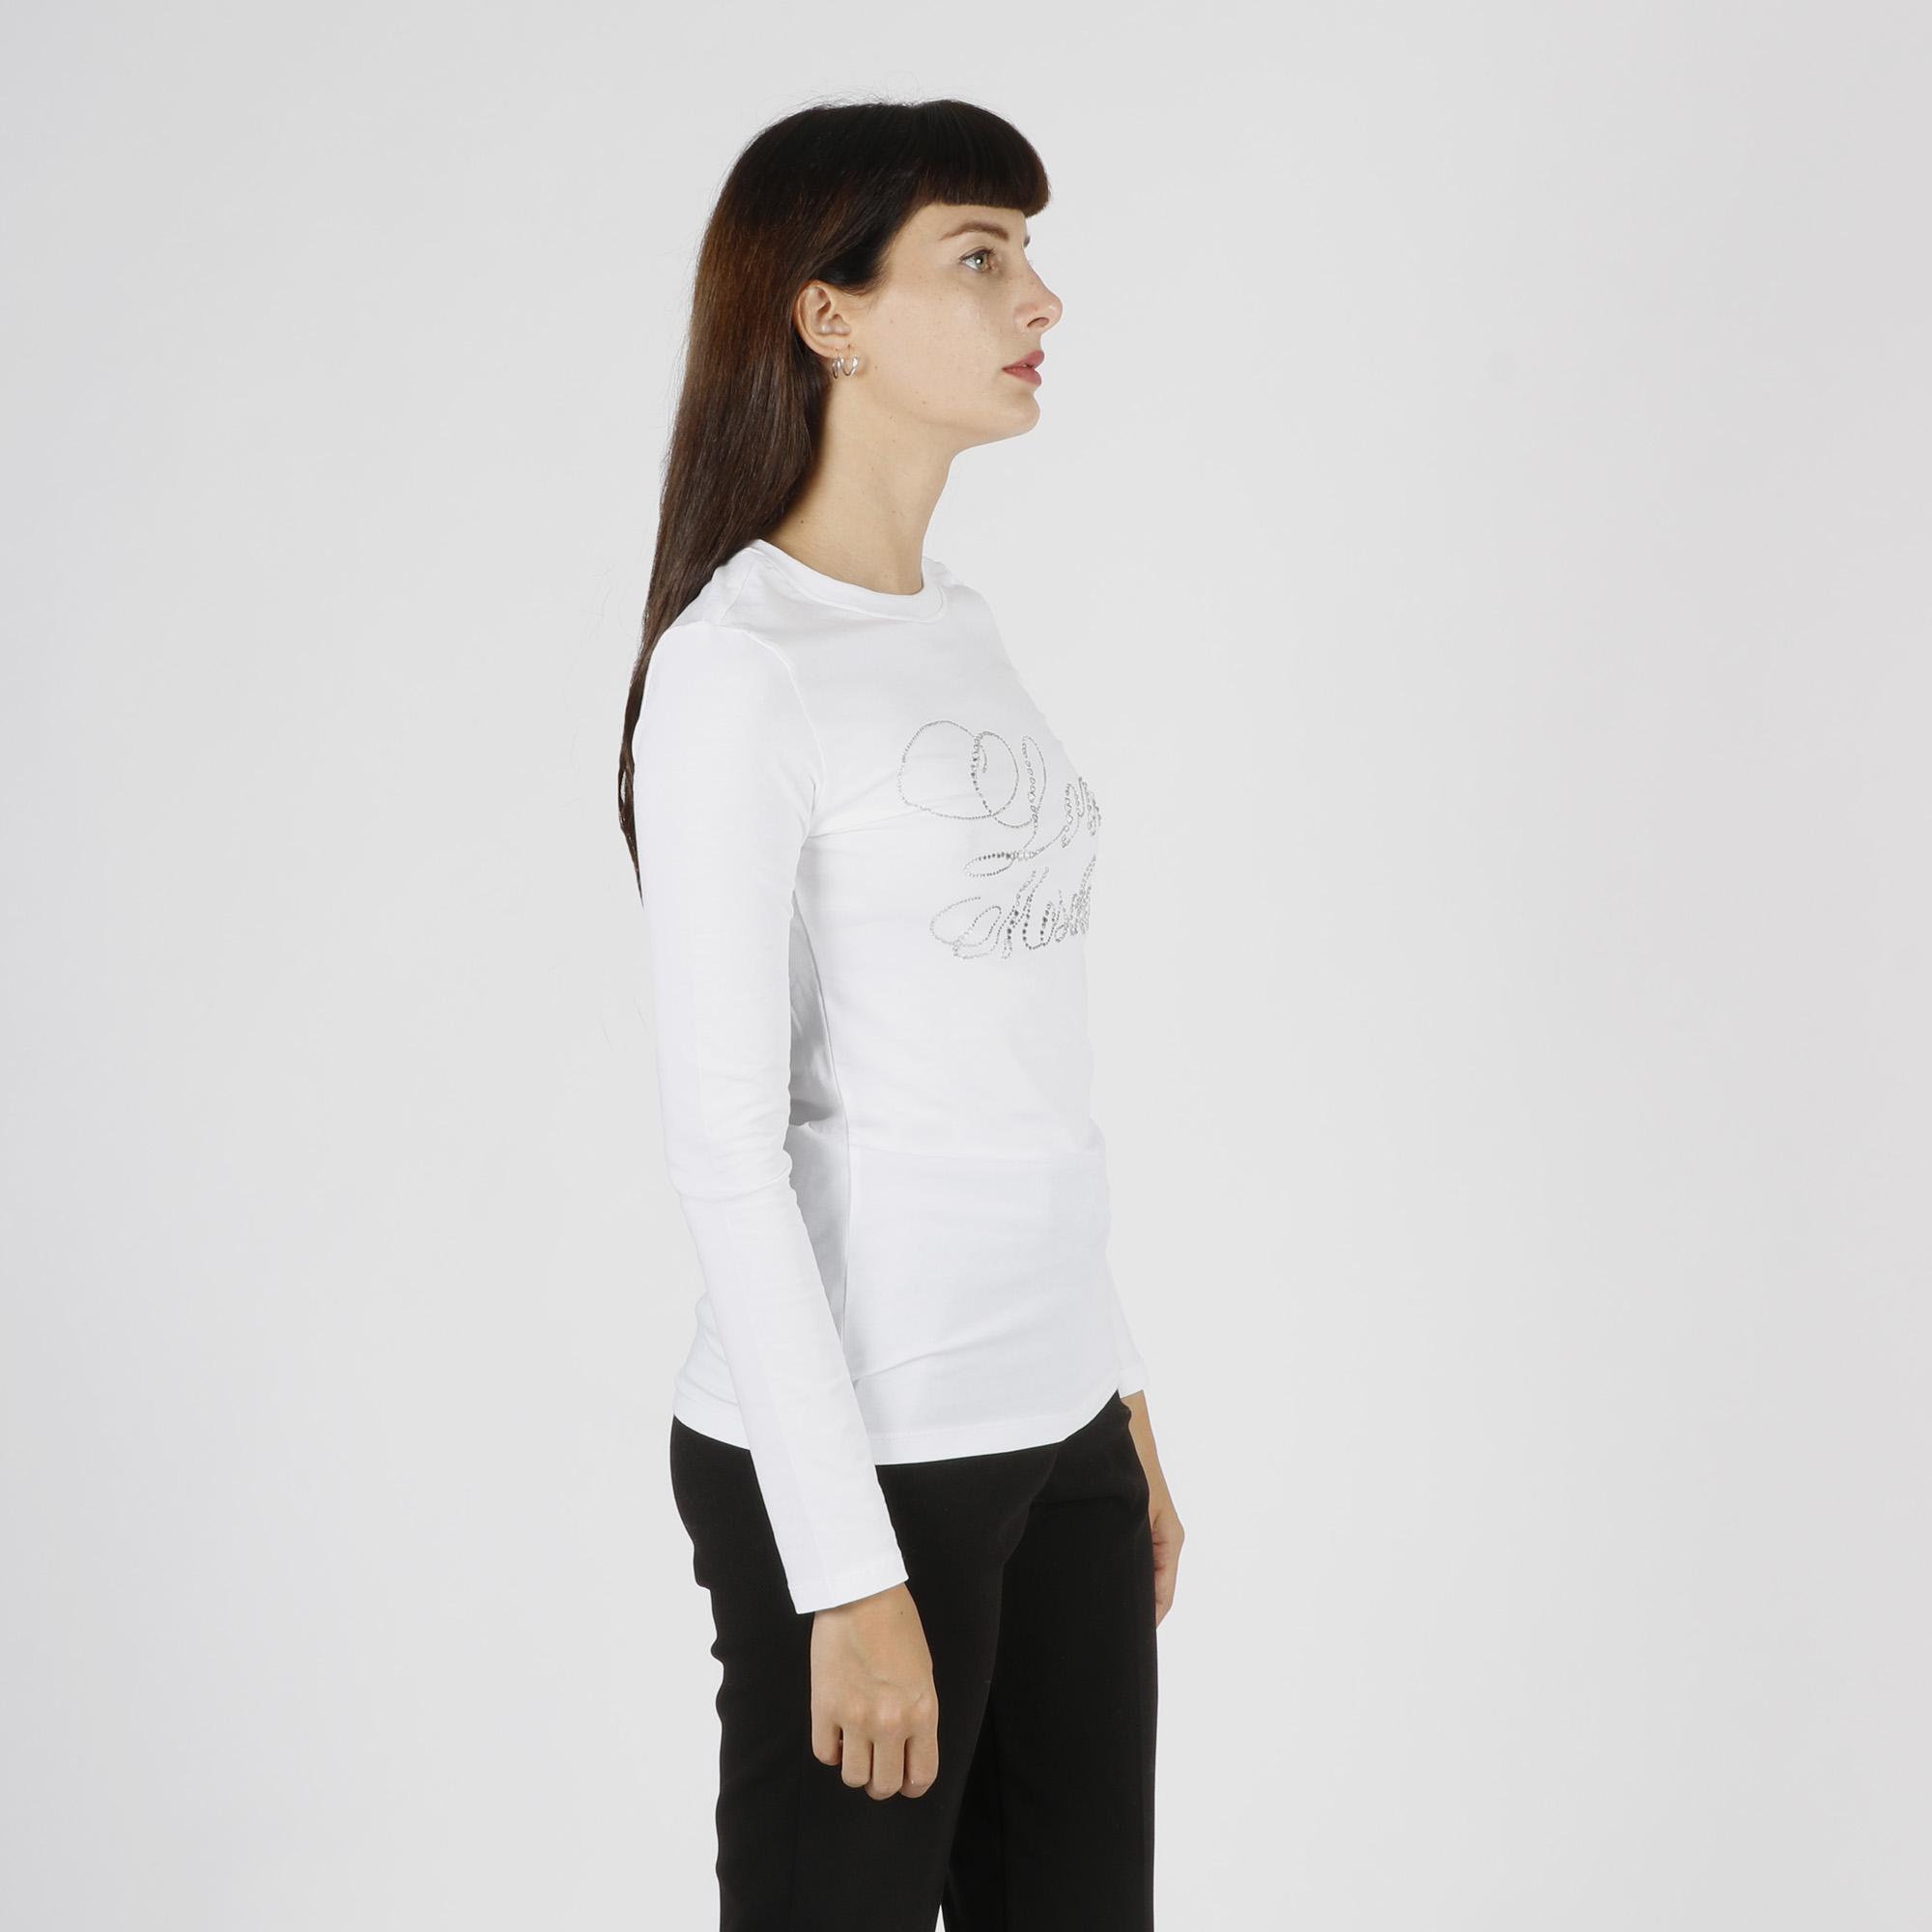 Maglietta stampa logo romantico - Bianco